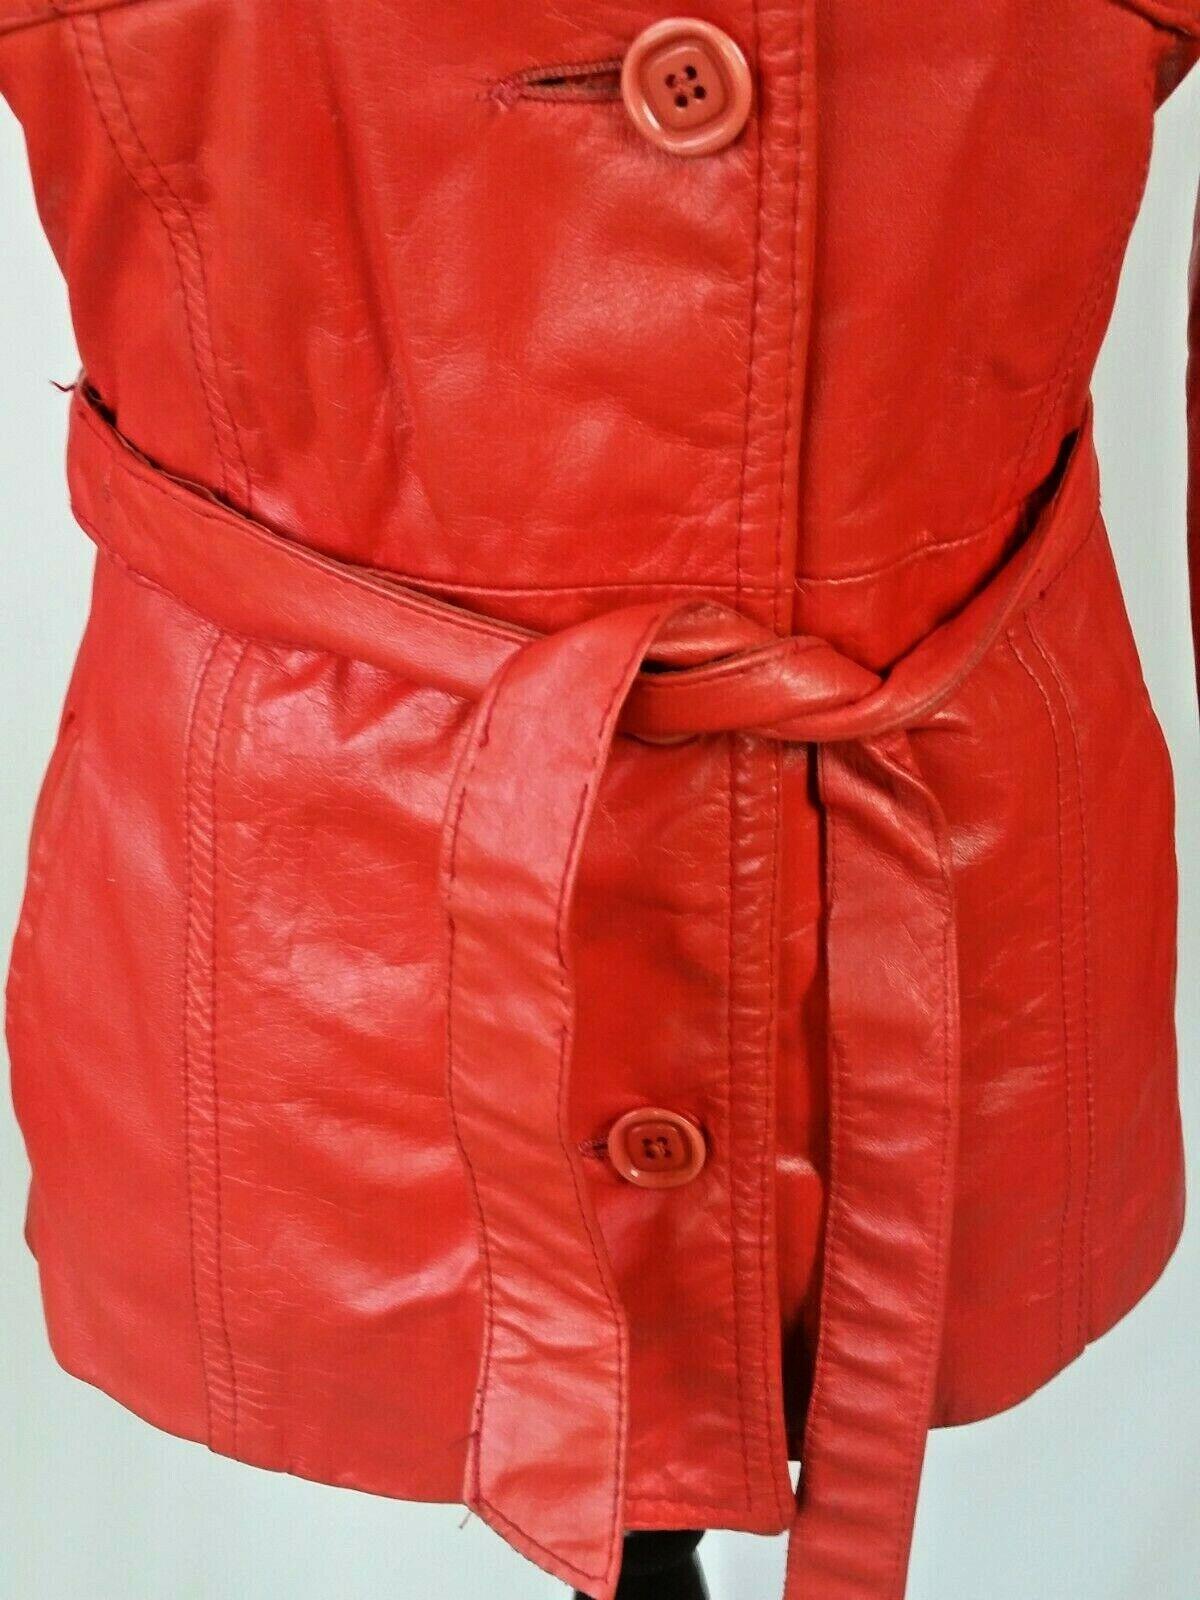 Vintage Orange Leather Womens Jacket Mod 1970s XS - image 3